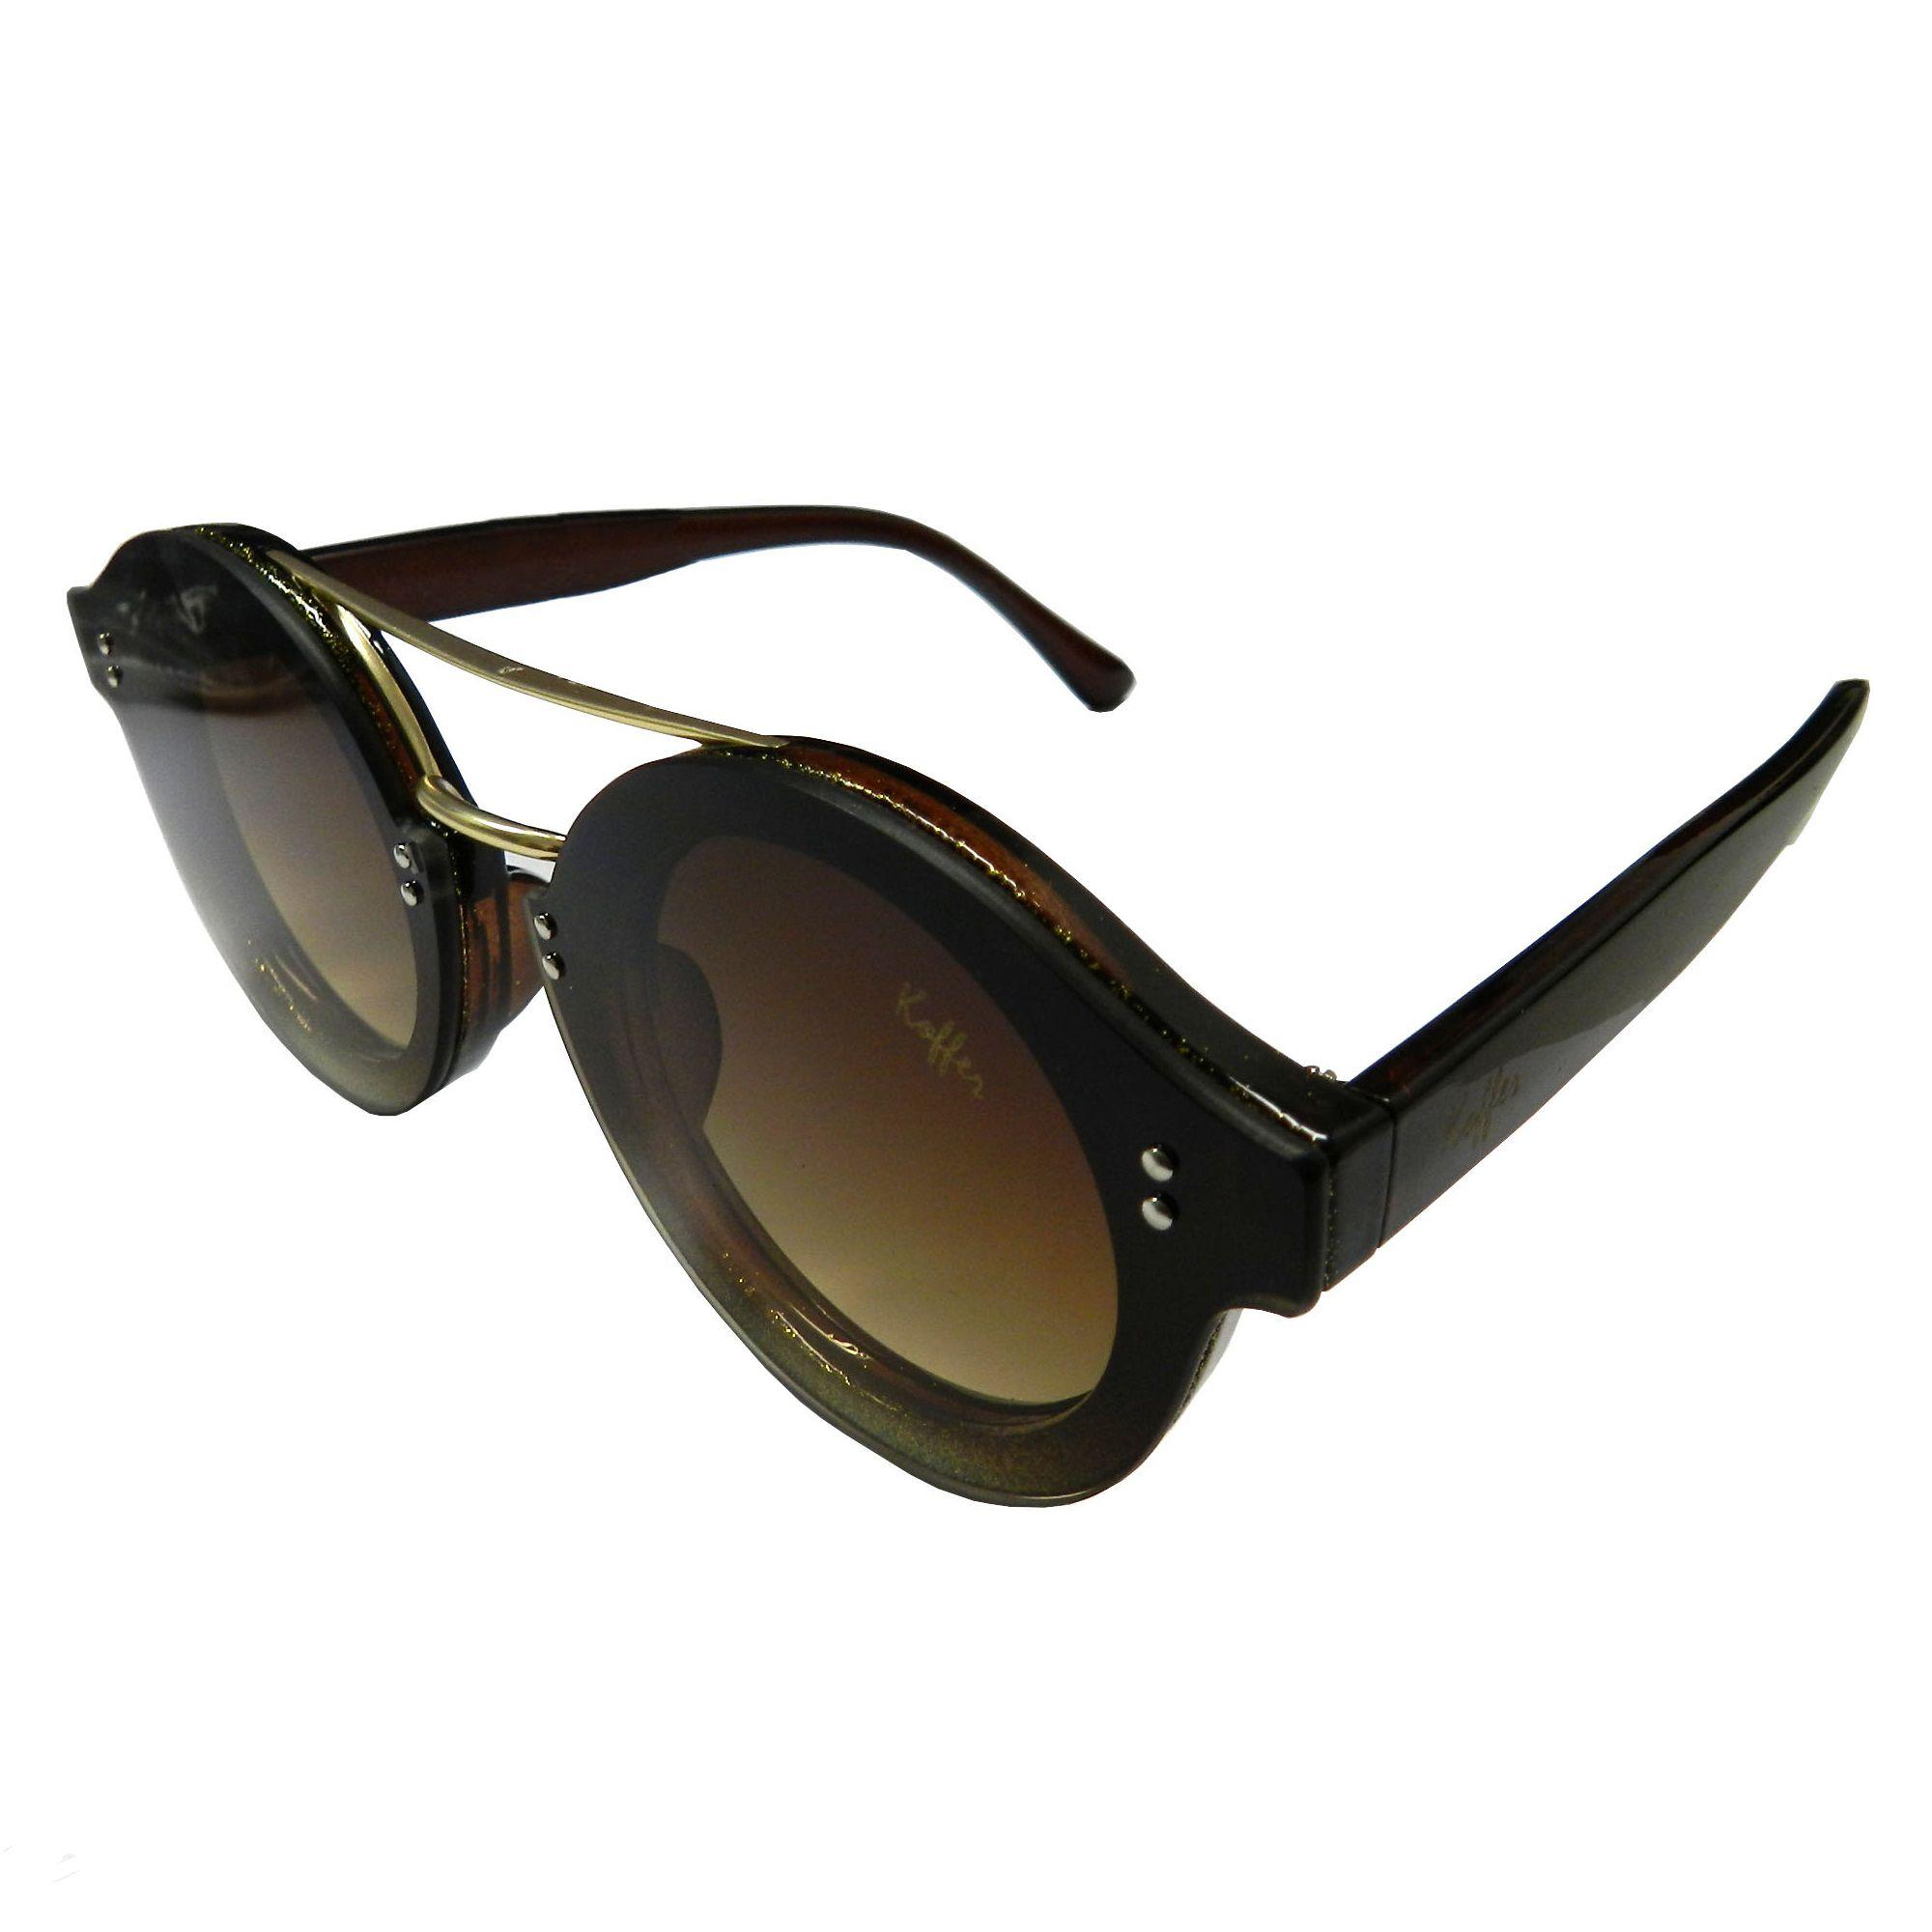 Óculos de Sol Polarizado com proteção UV S8733 - Koffer